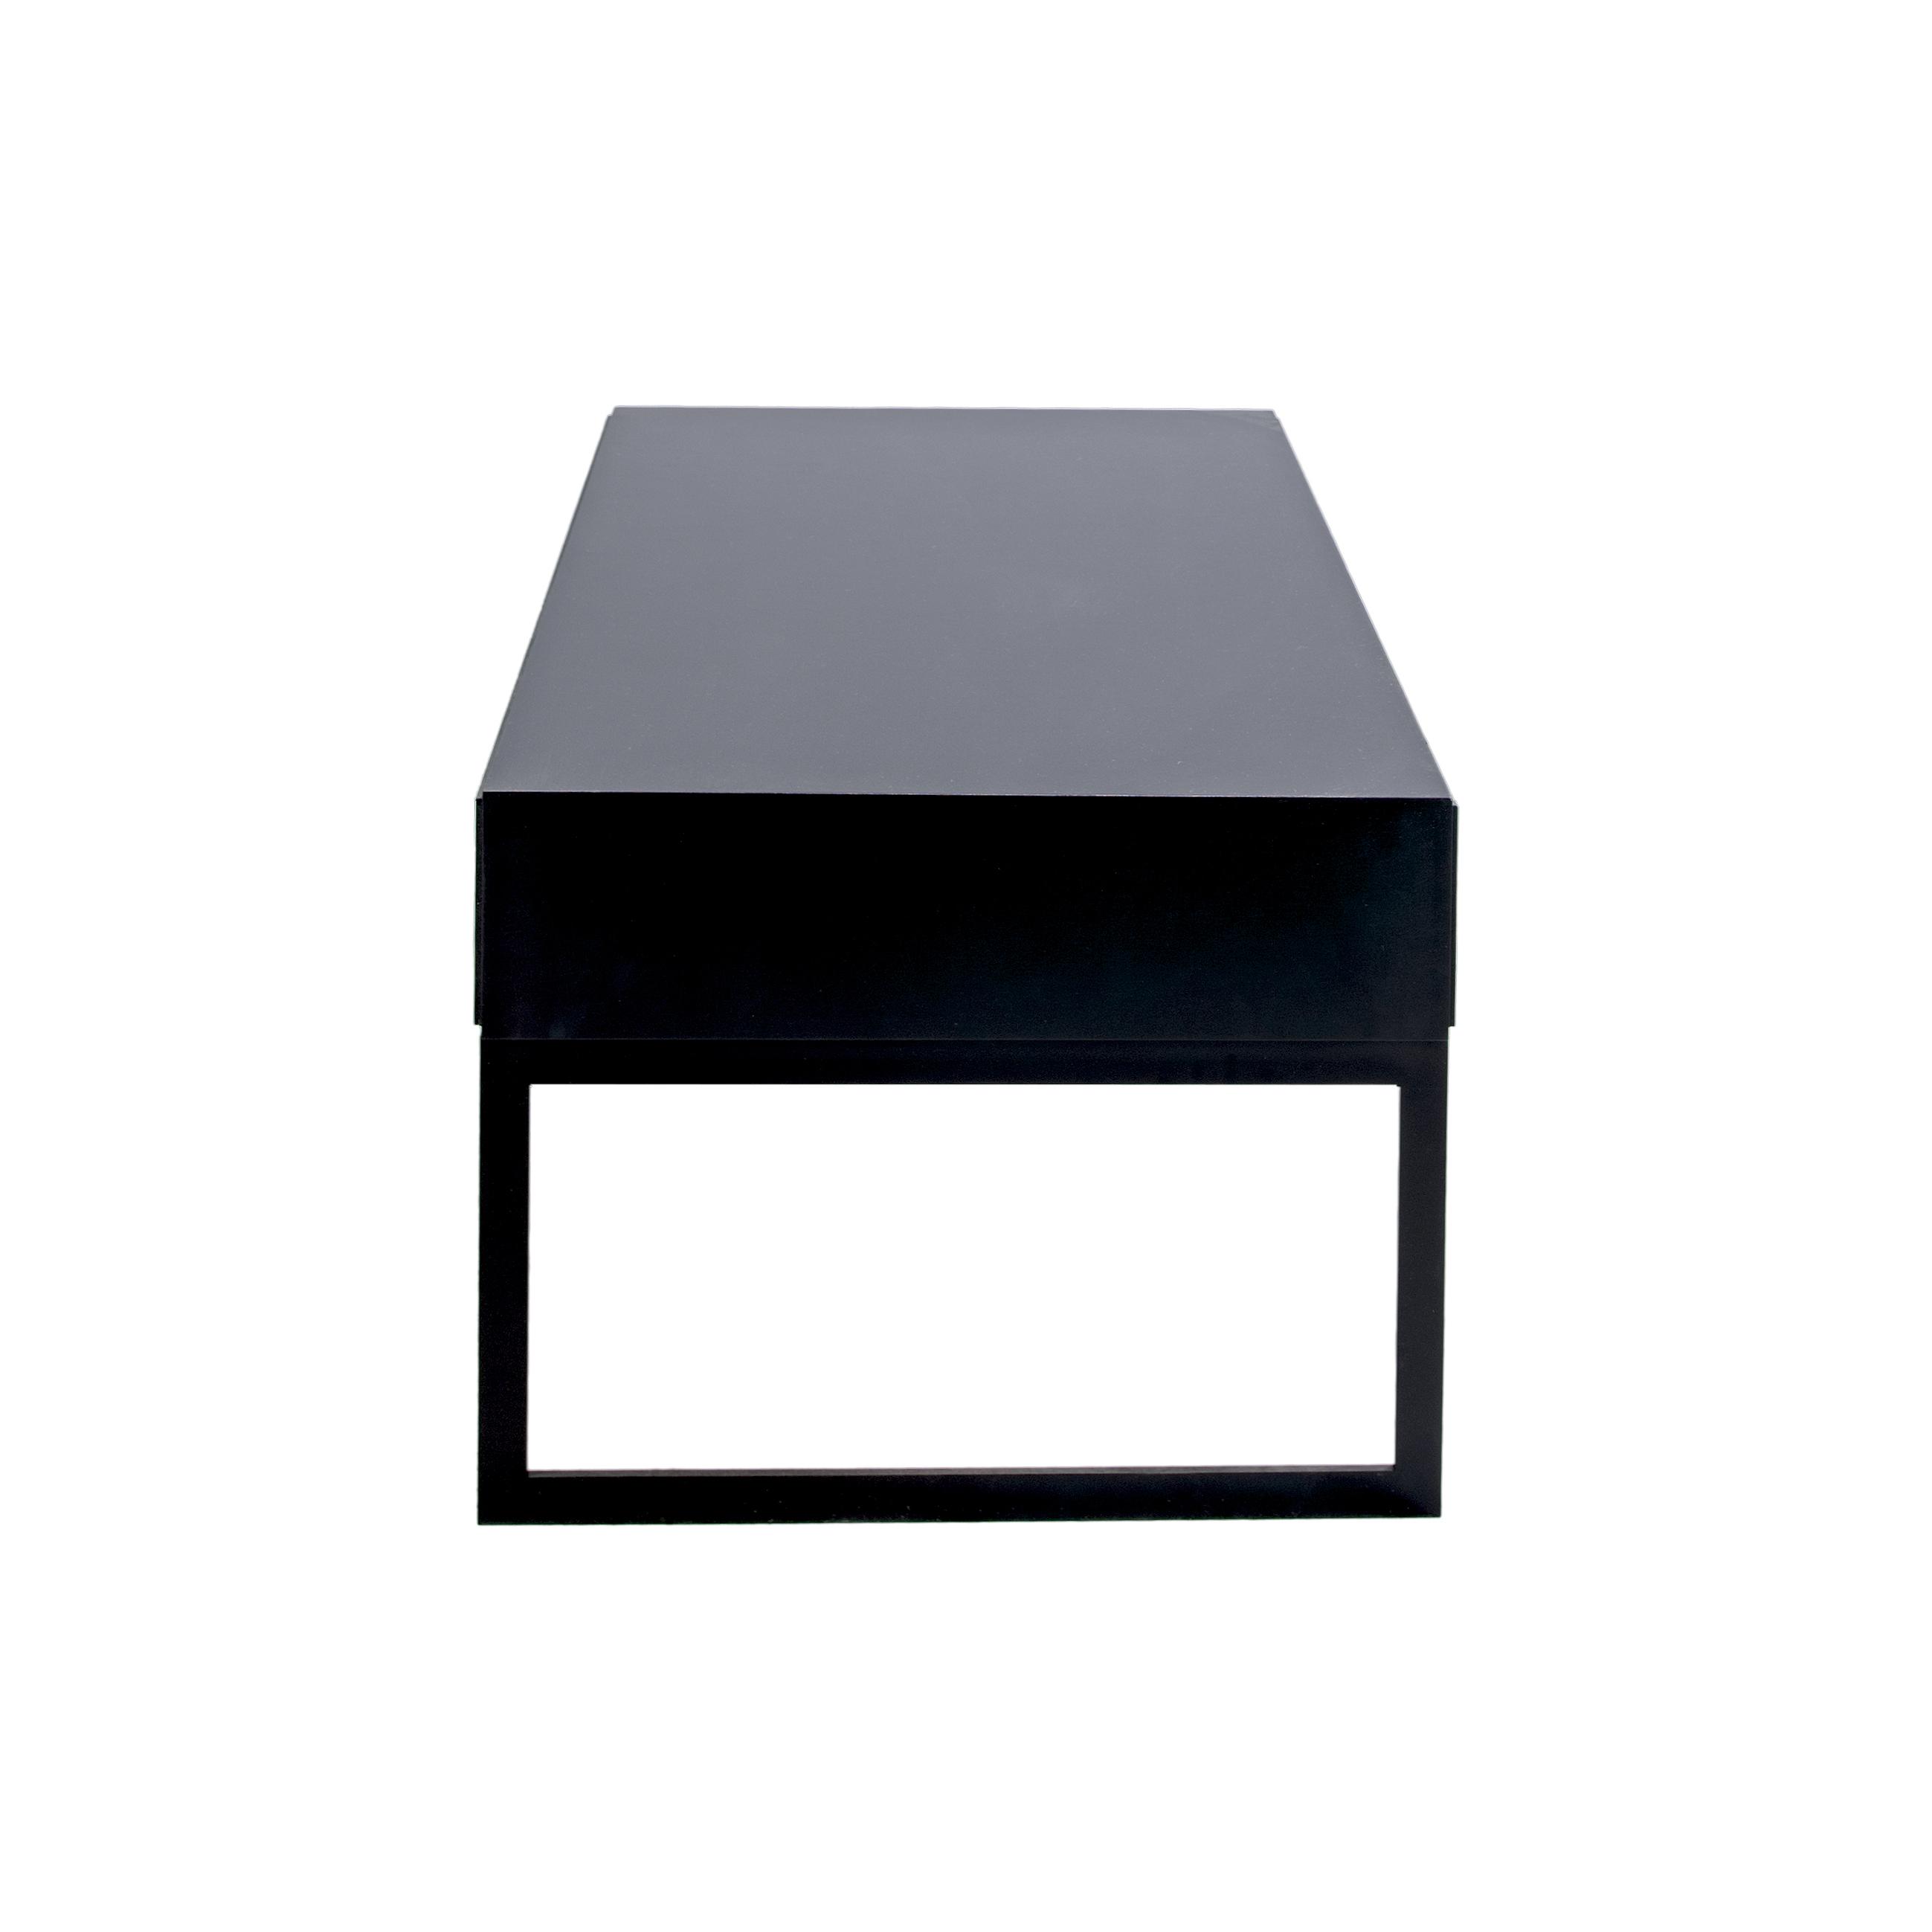 Line Soffbord rektangulärt Black med benställning från sidan - englesson.se